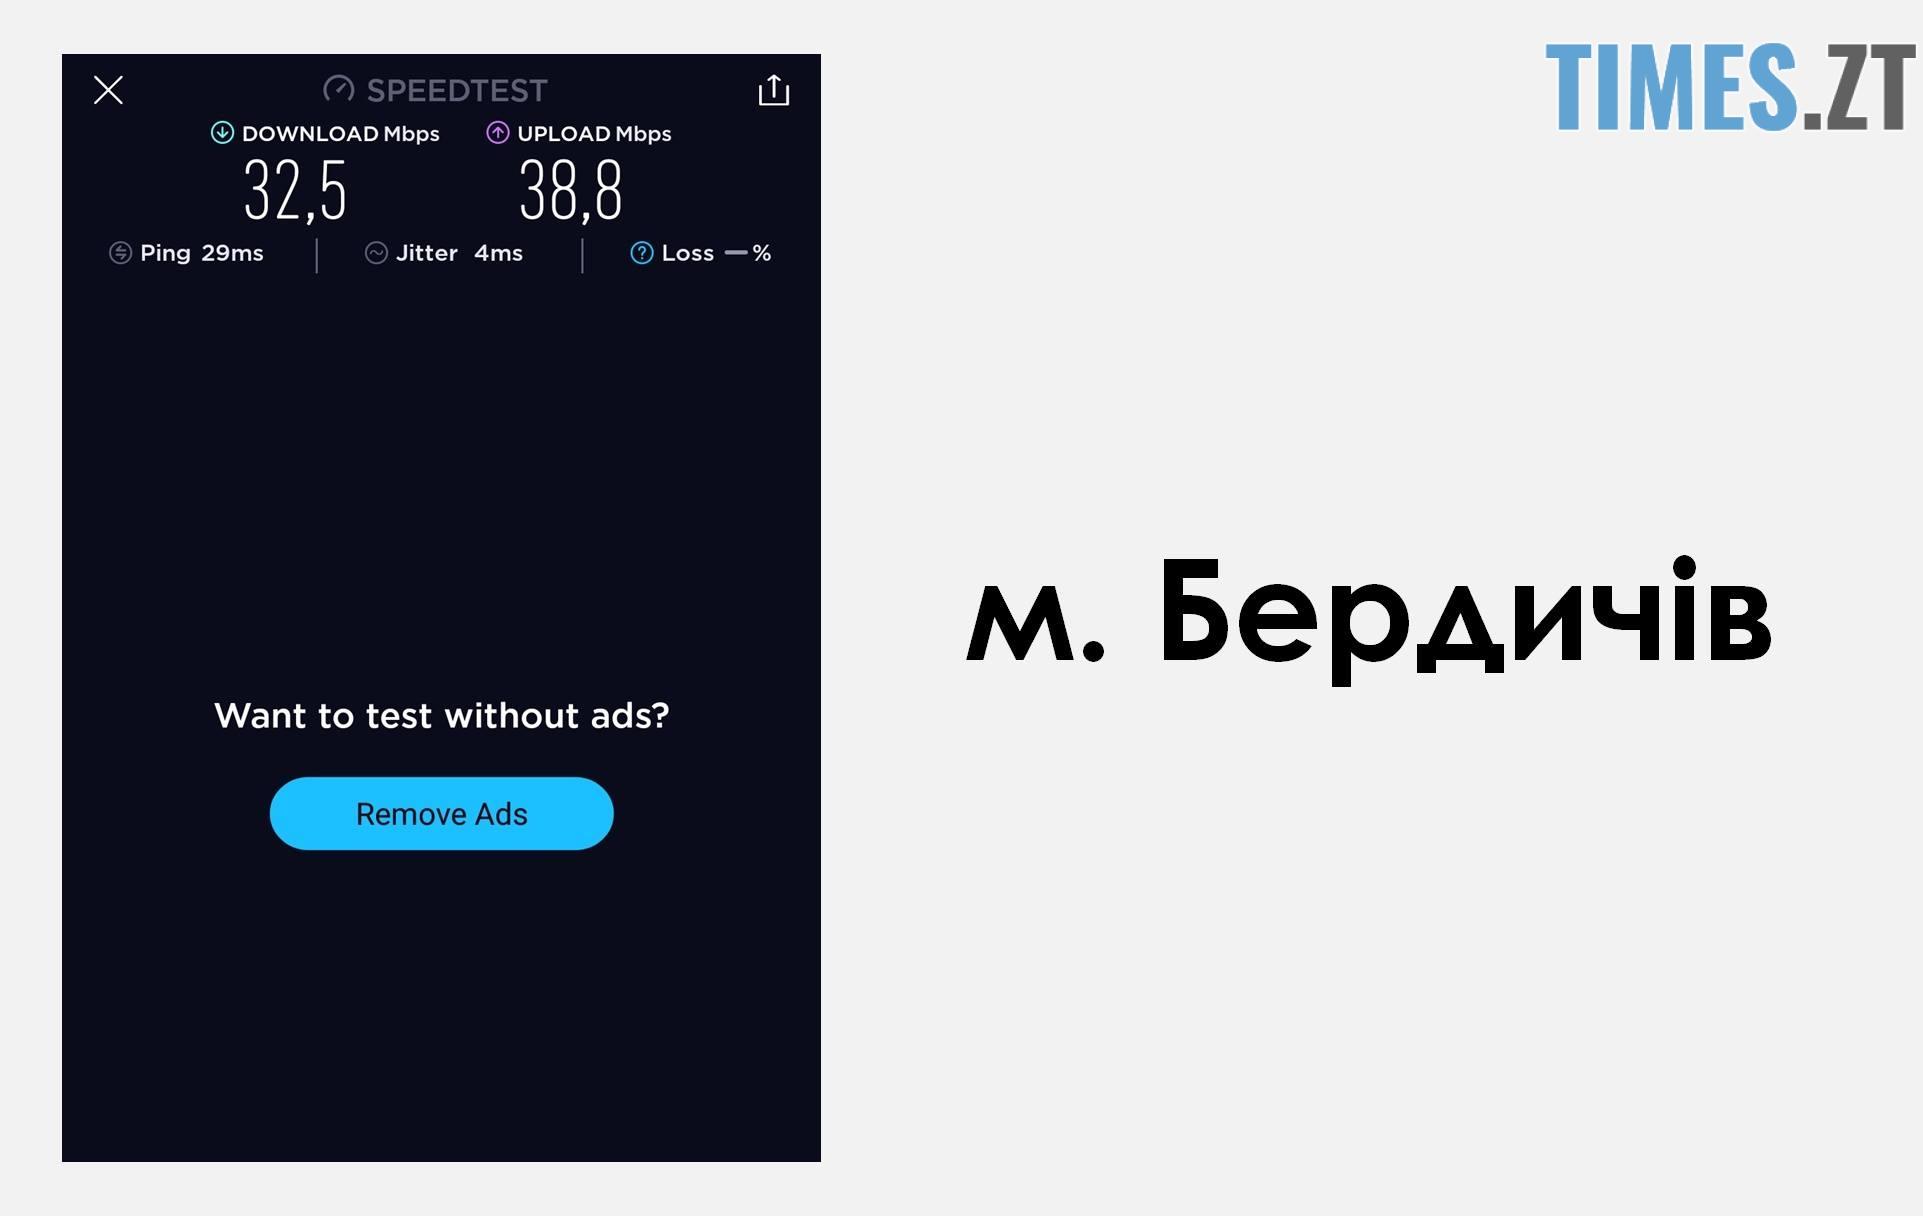 41955020 370689723469993 5909056180960886784 n - Зловимо 4G разом: що не так із сигналом в Житомирській області